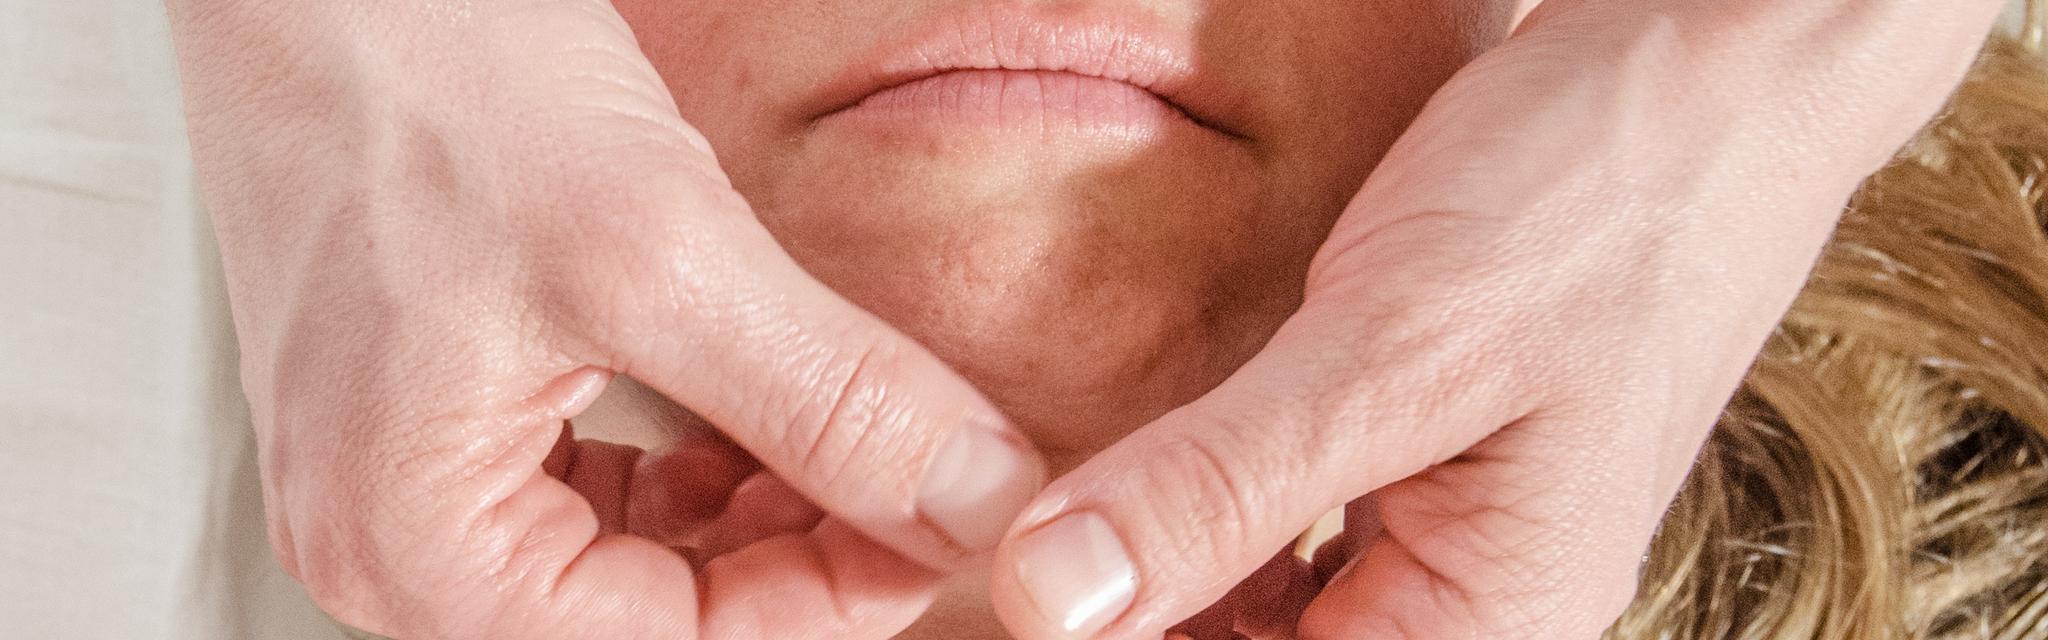 Kopf-/Gesichtmassage